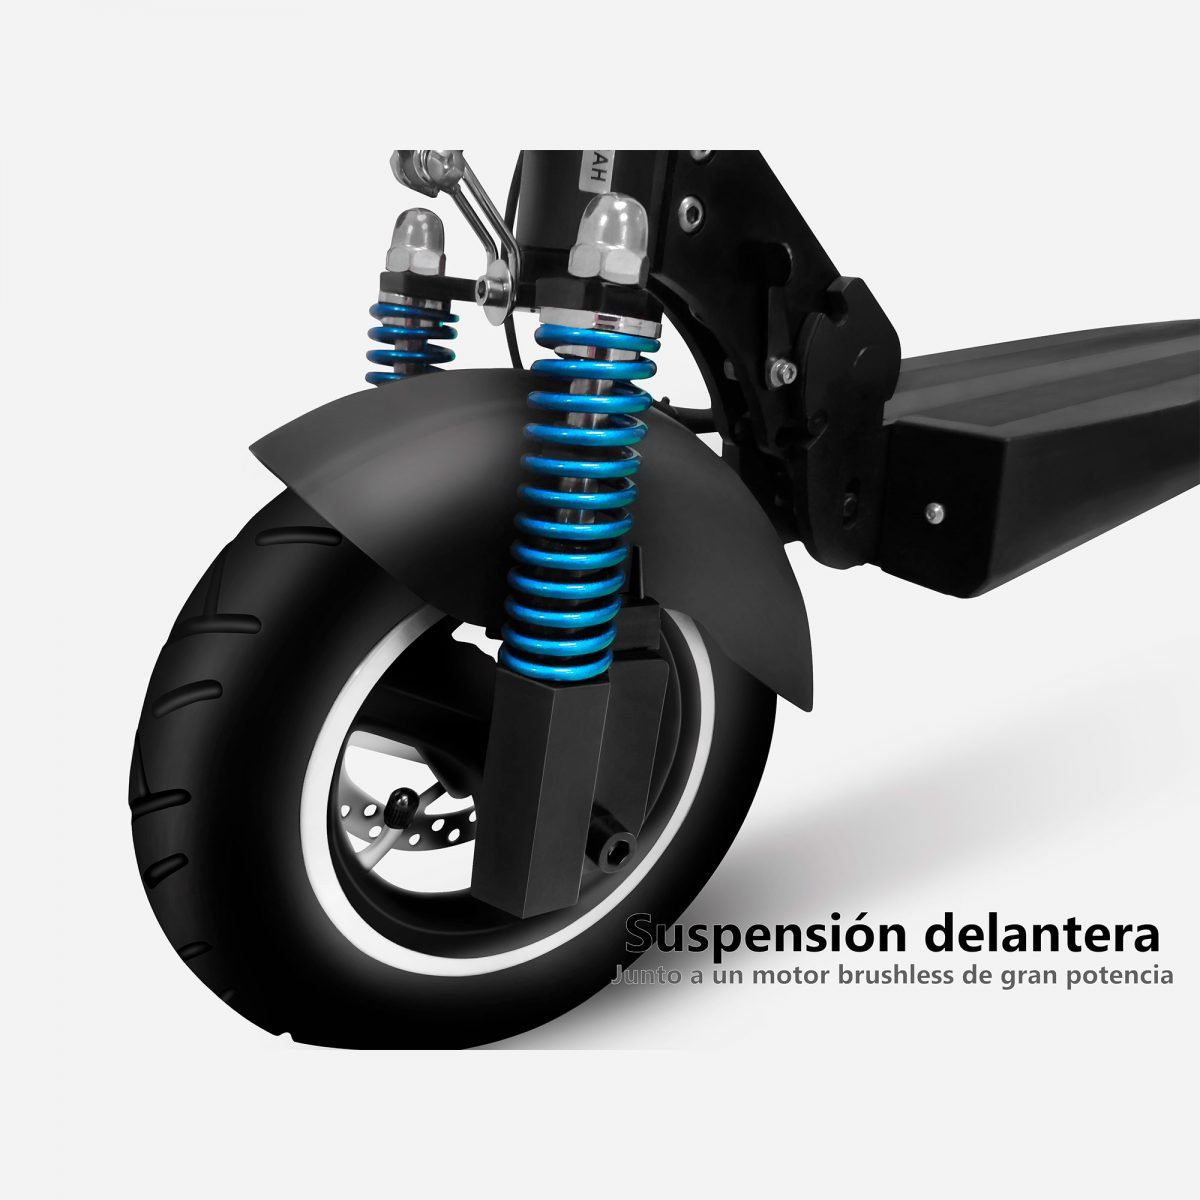 Suspensión delantera de las ruedas del patinete eléctrico Zrino - Zwheel